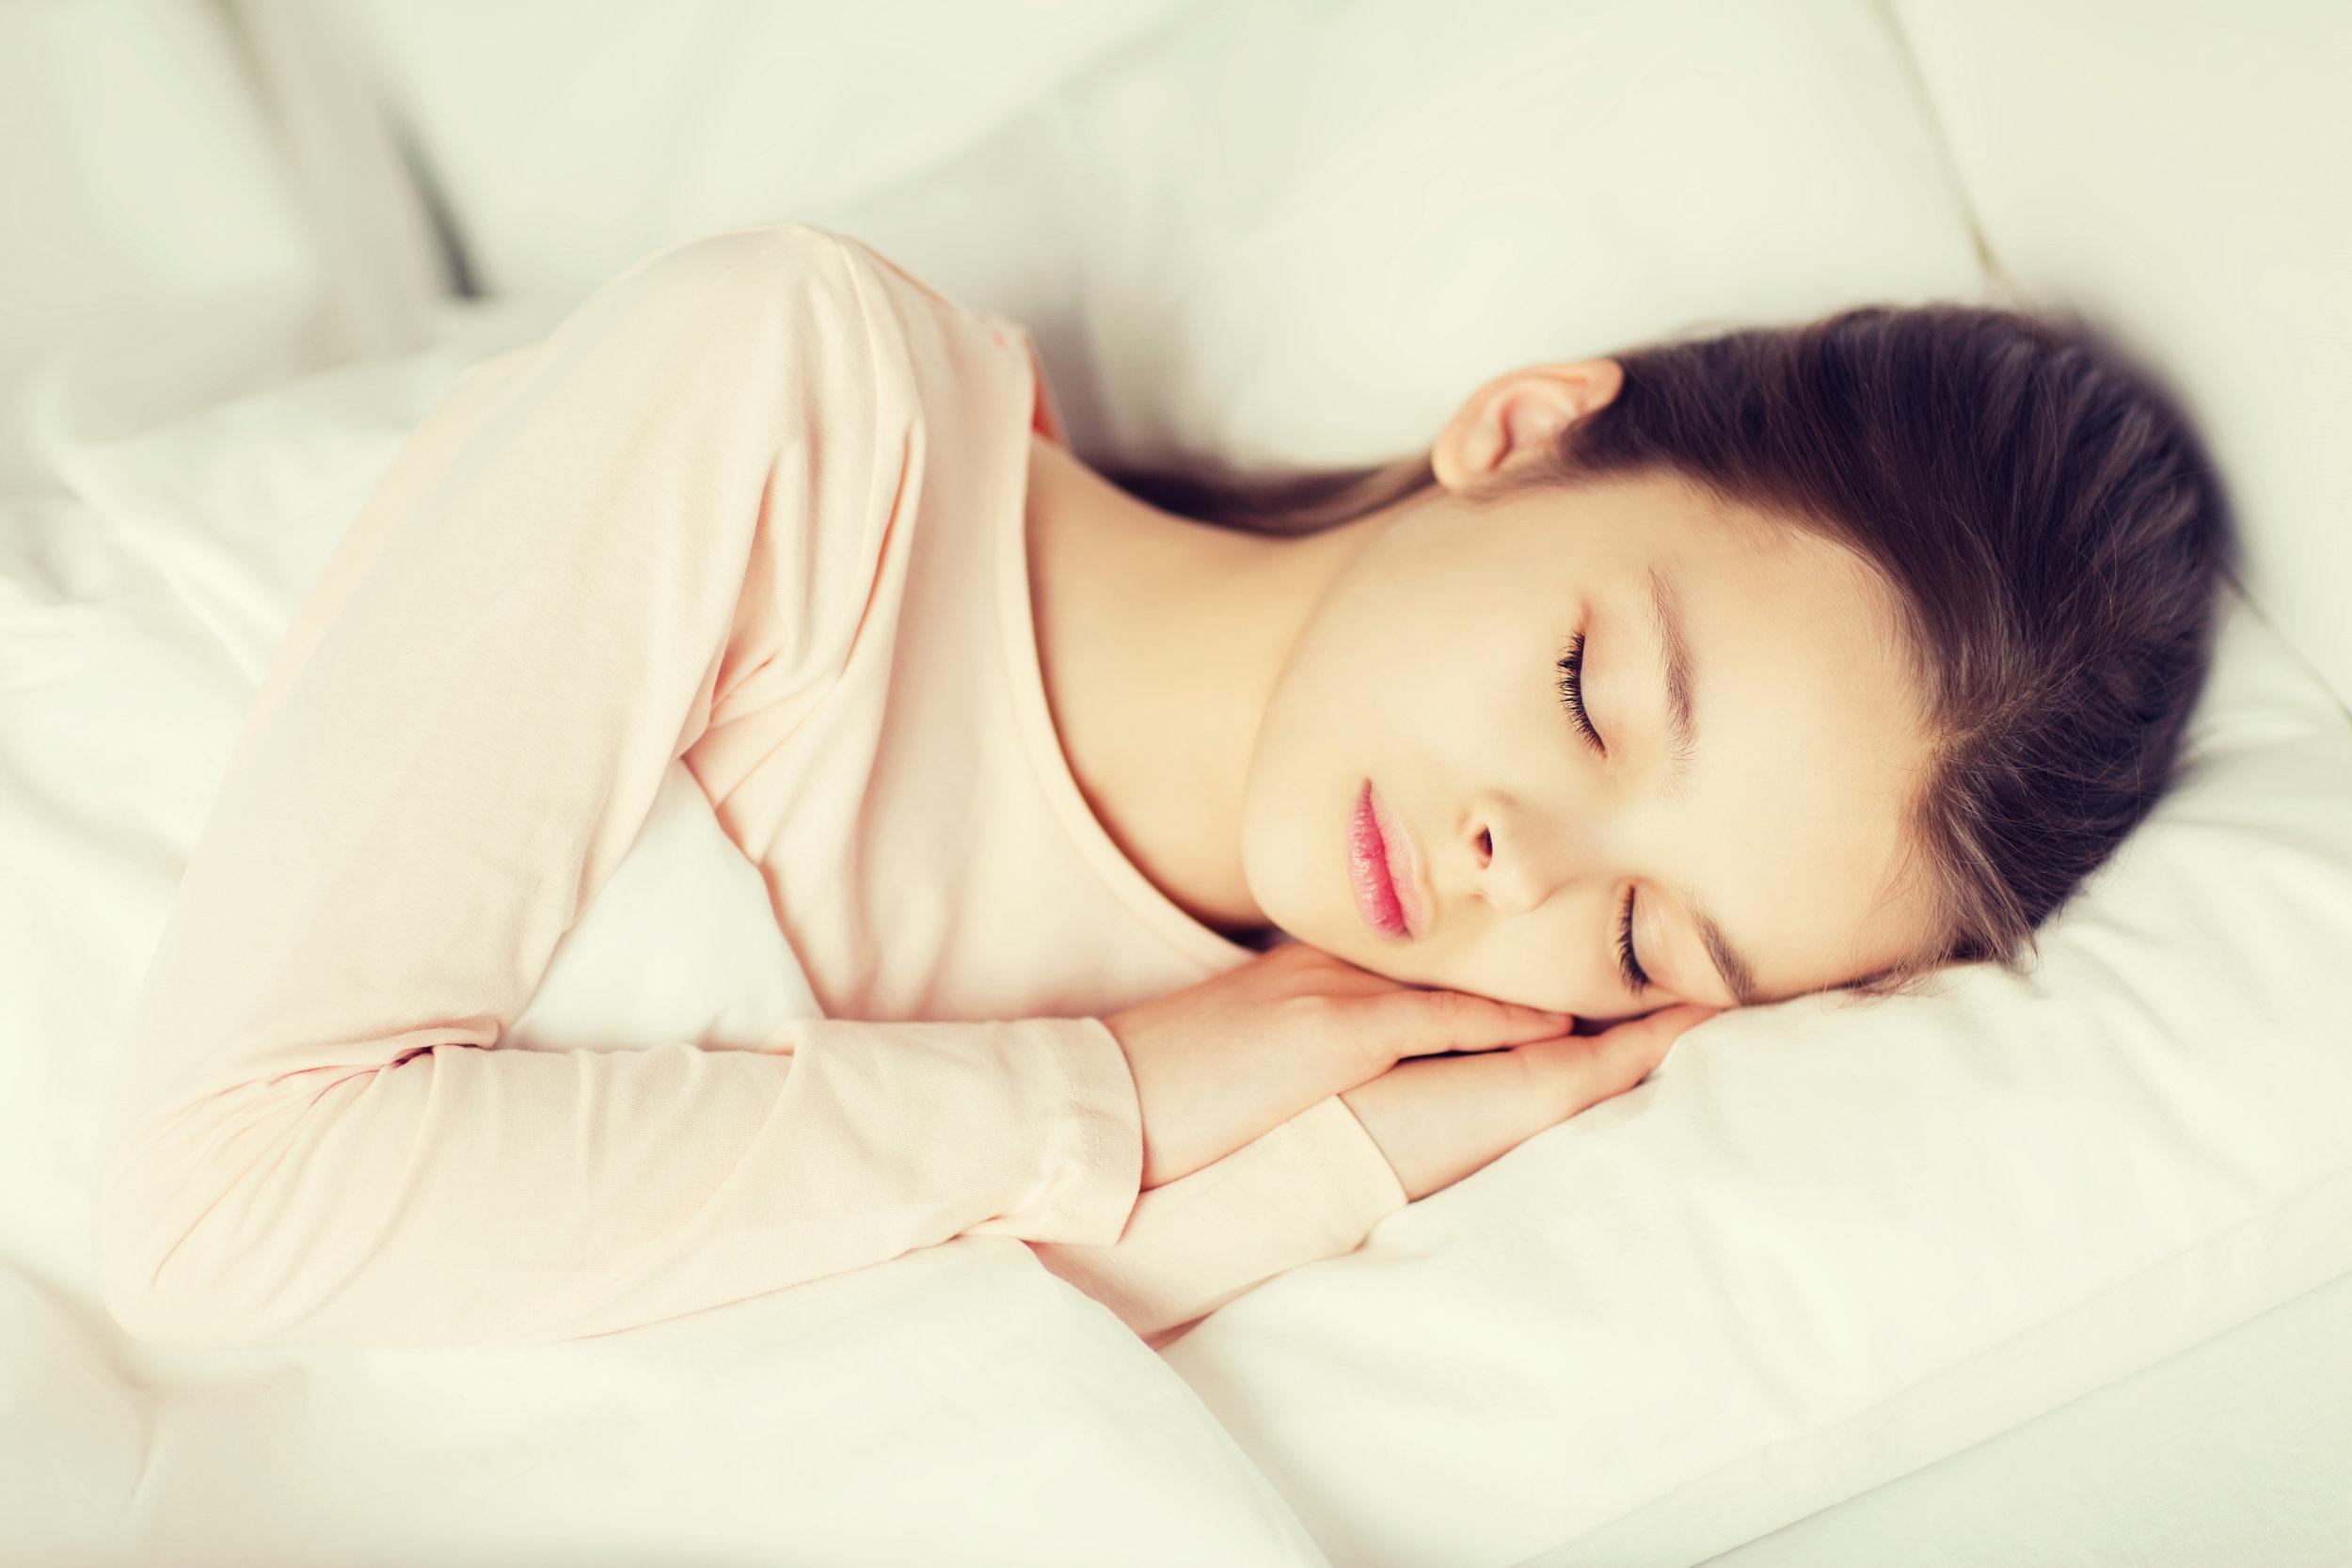 girl-sleeping-in-bed-at-home-PJ939SV.jpg